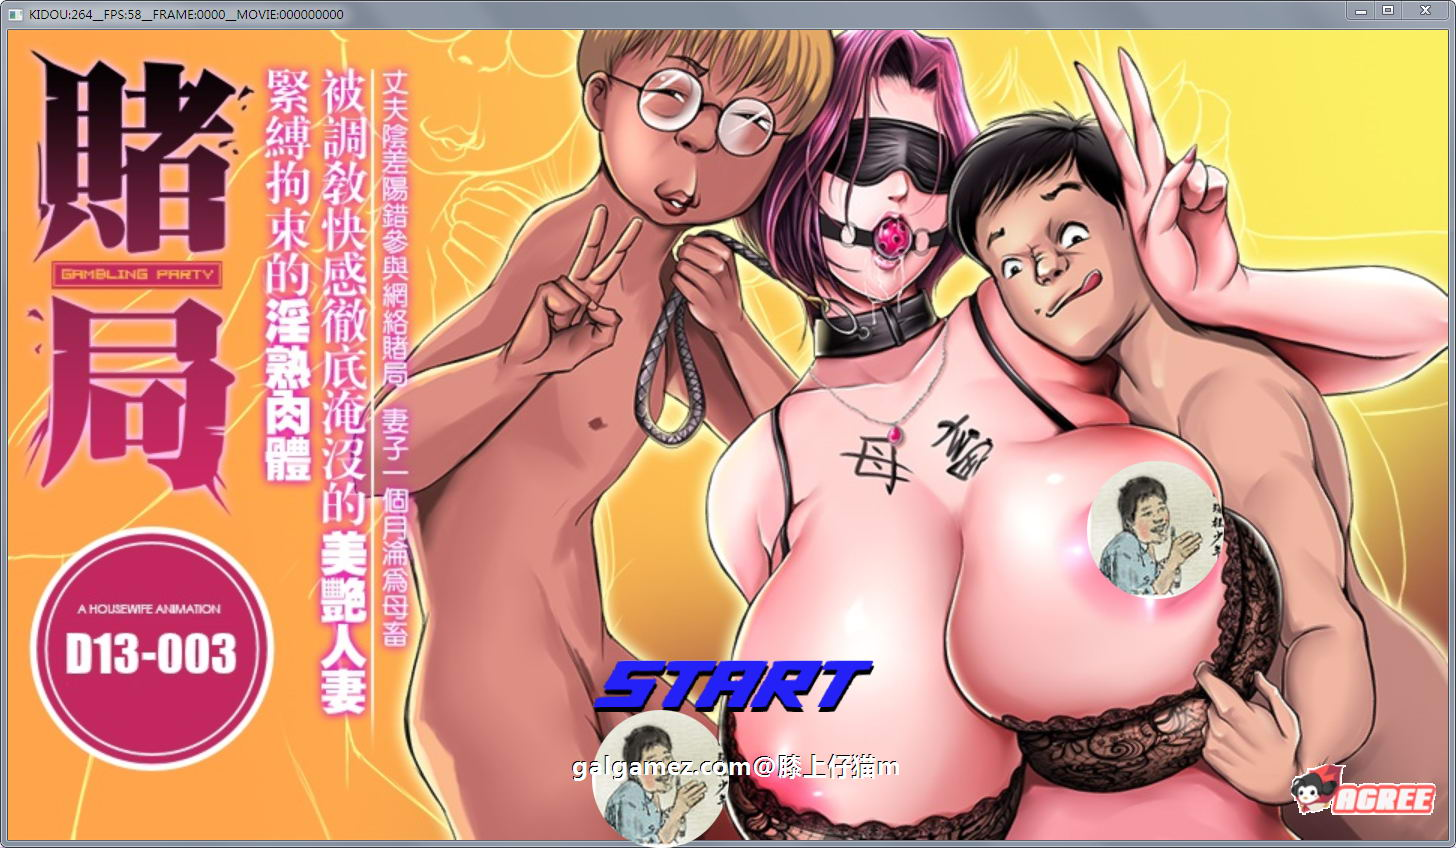 【母系3D/中文/全动态】赌局:被胁迫快感淹没的人妻!中文版+前作+6G动画全集【6.4G】